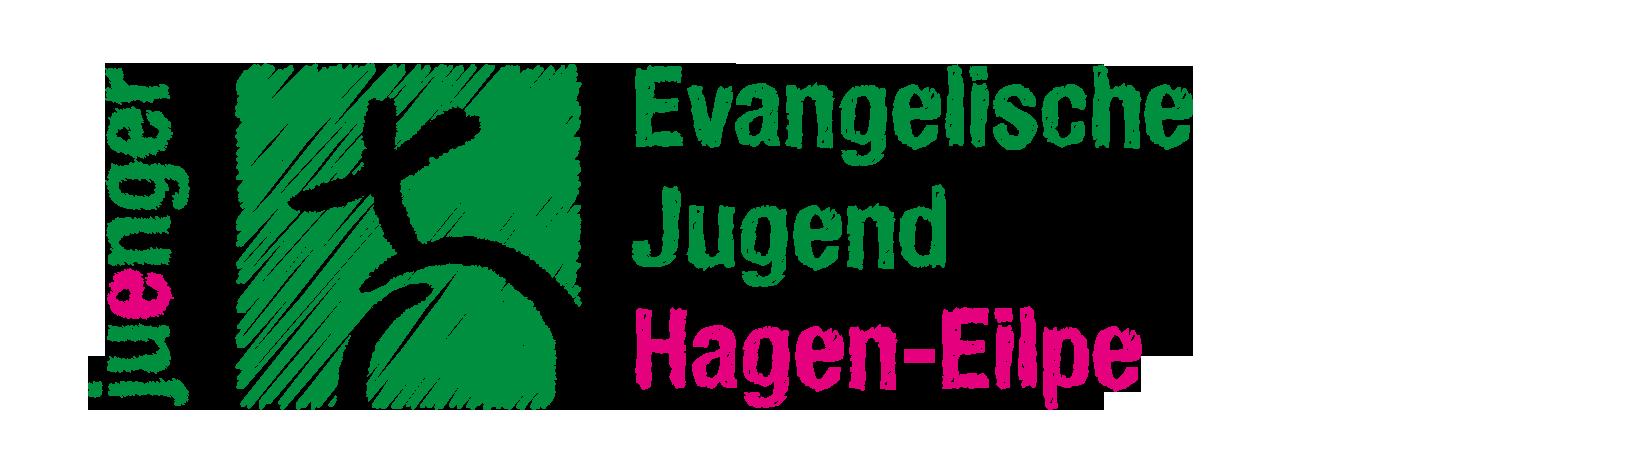 Juenger-Logo